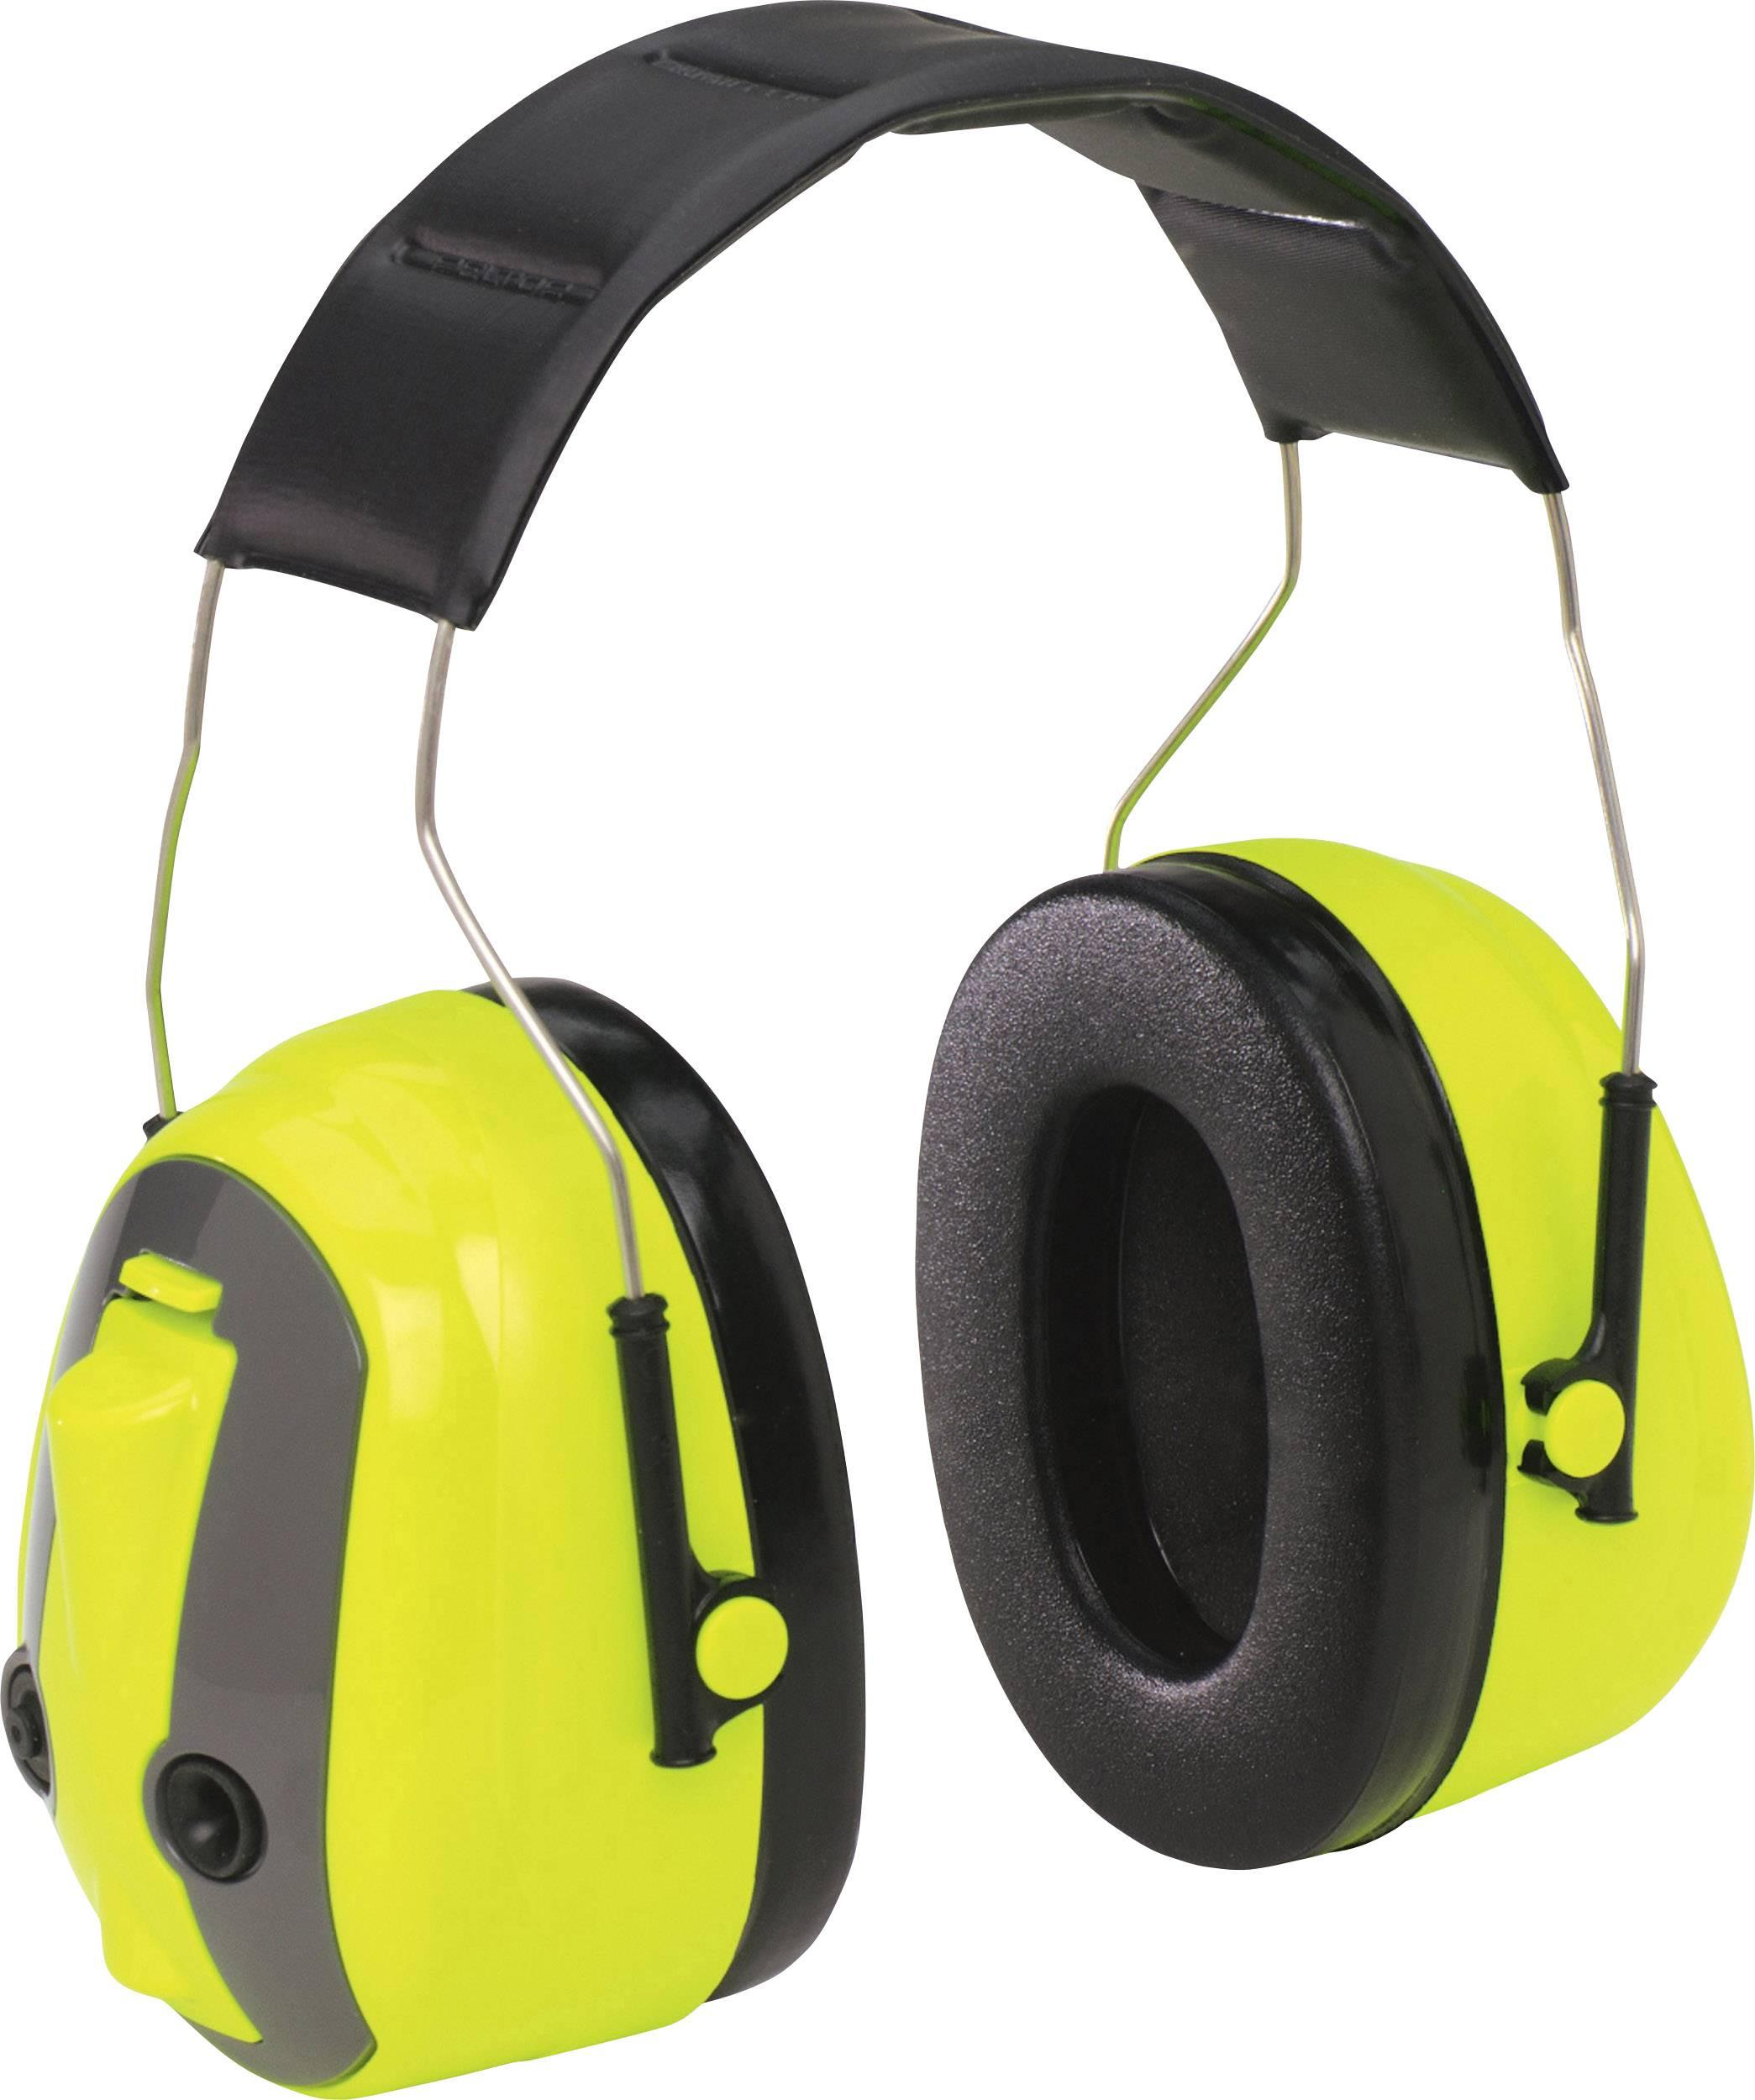 Mušlový chránič sluchu 3M Peltor Optime Push-To-Listen PTLAV, 31 dB, 1 ks